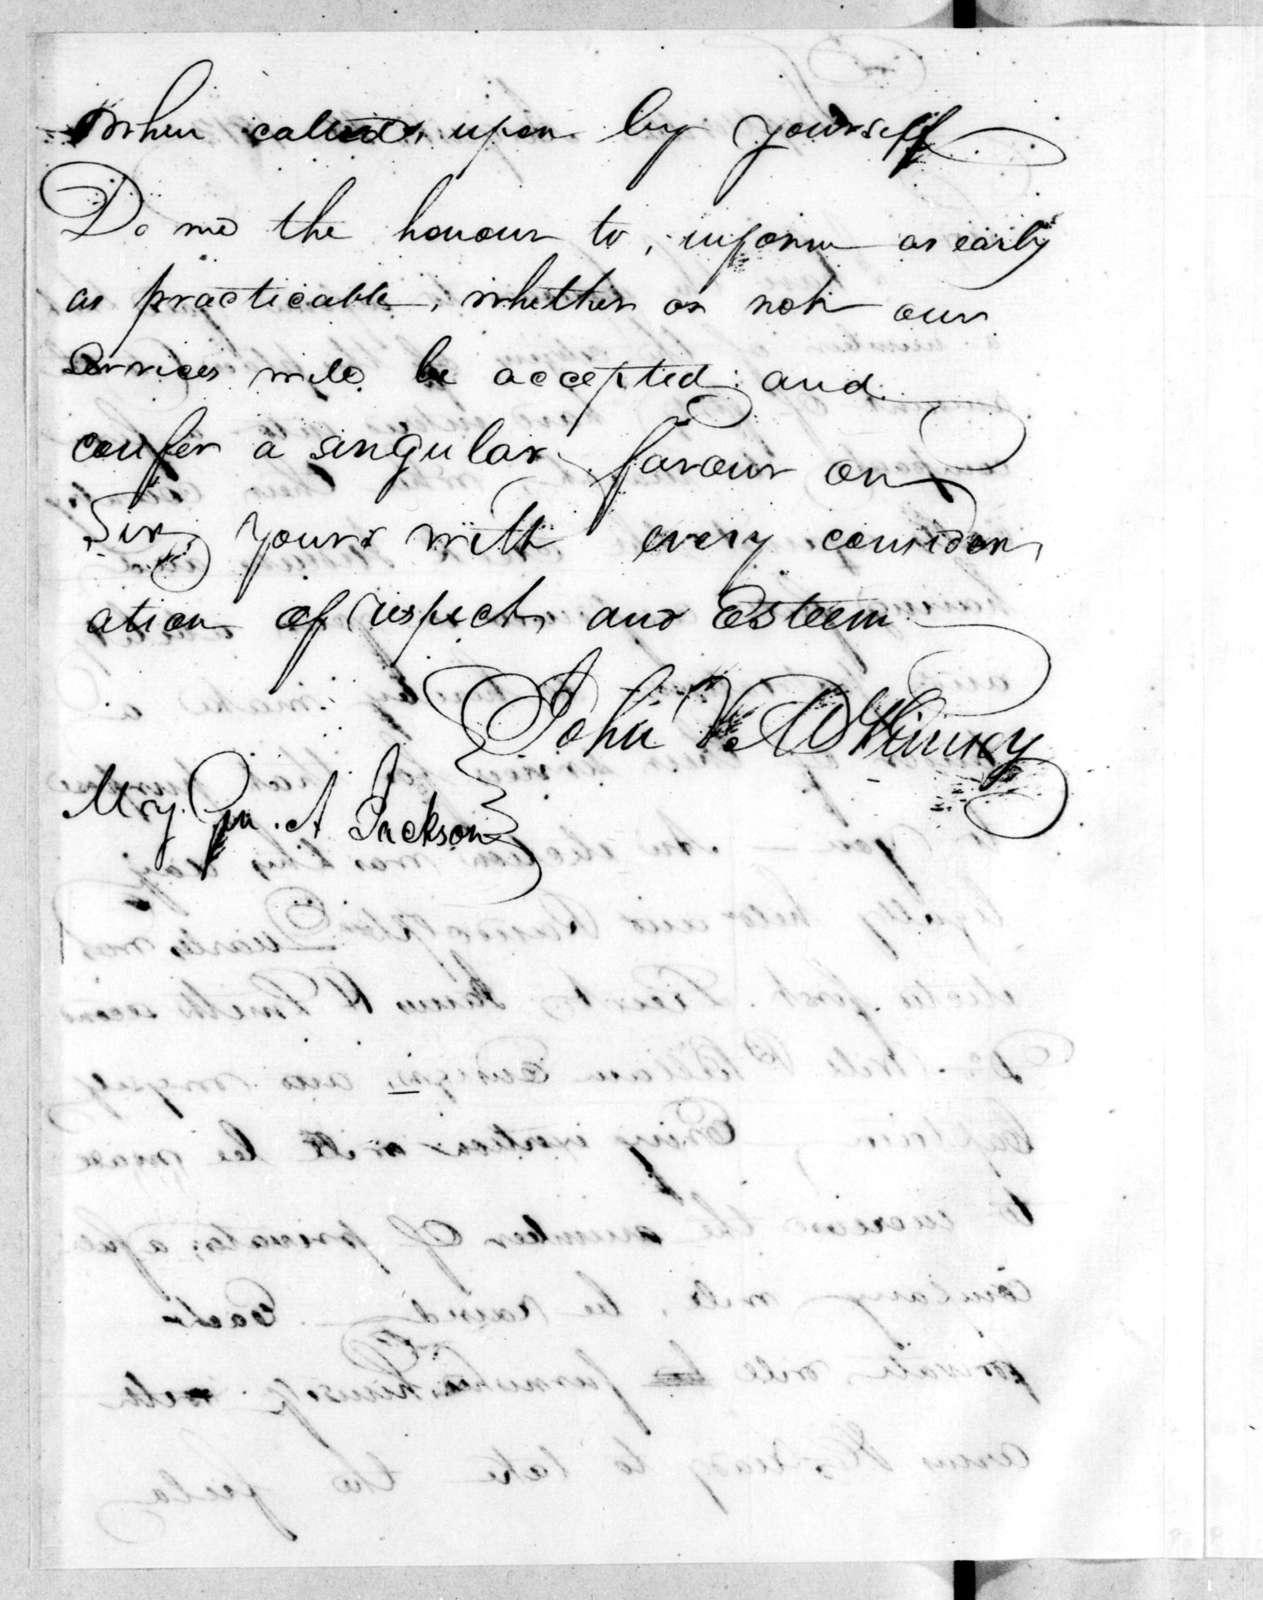 John V. McKinney to Andrew Jackson, August 28, 1813